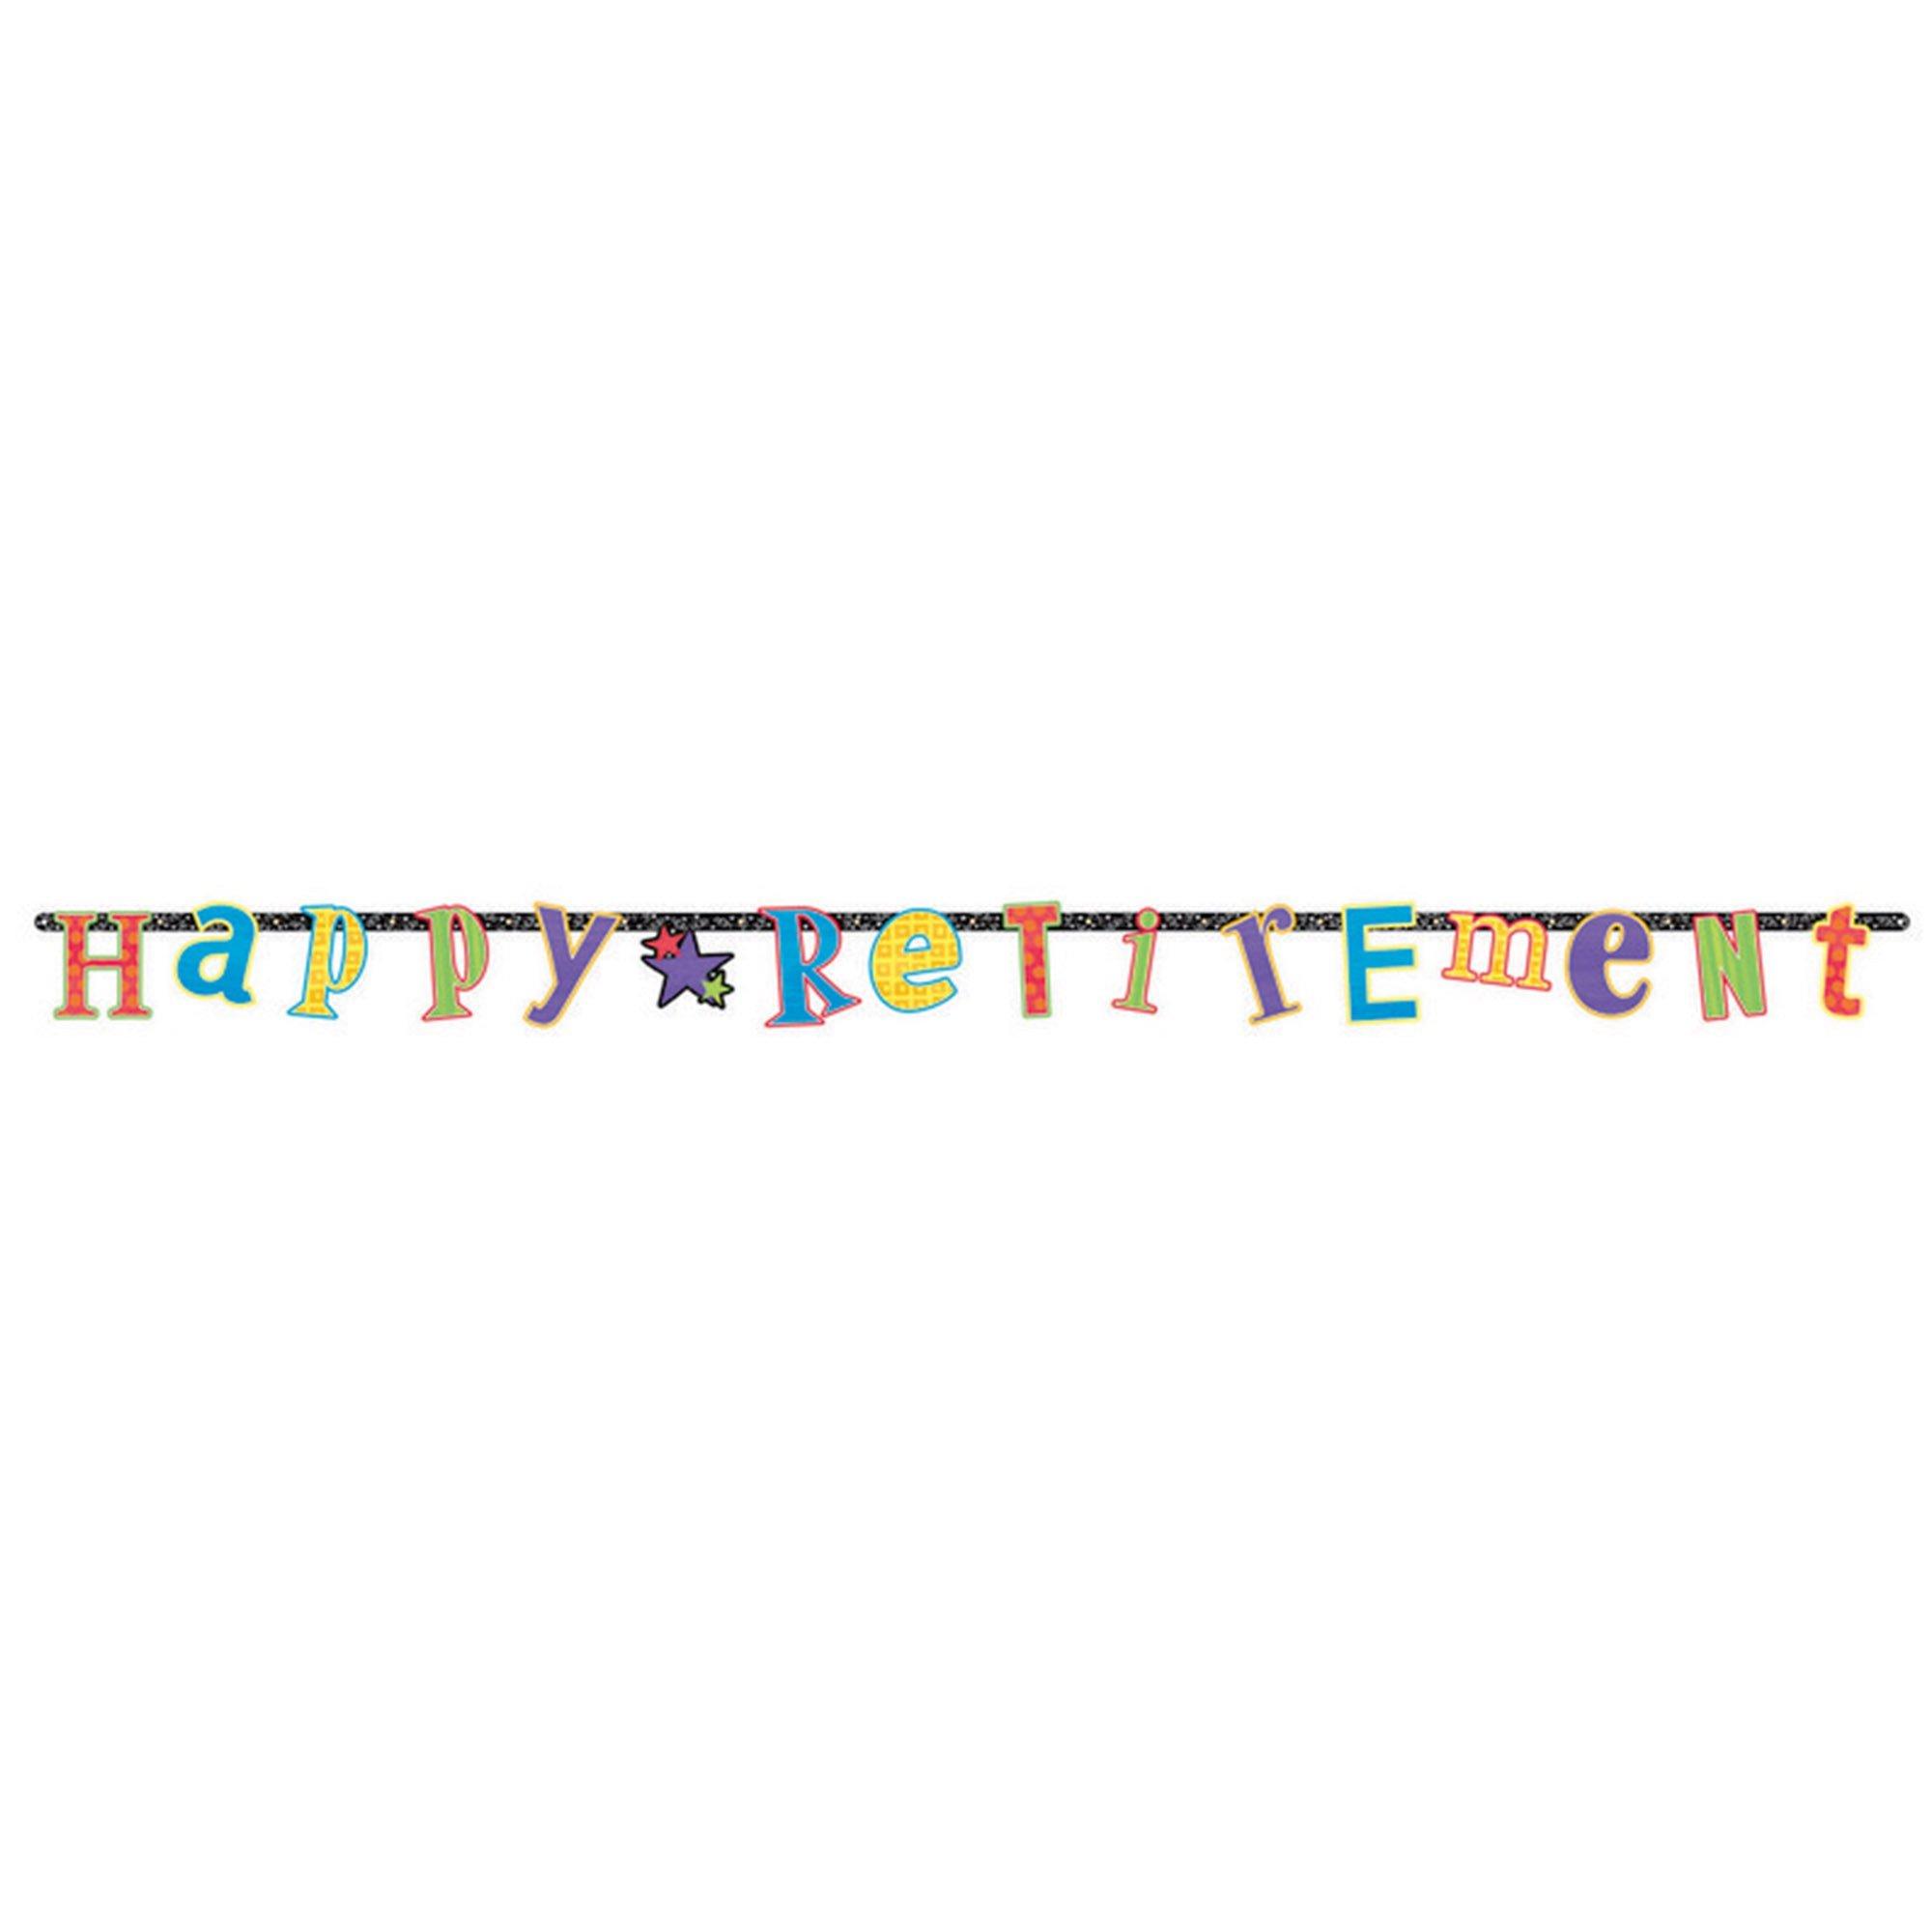 Retirement Illustrated Letter Banner